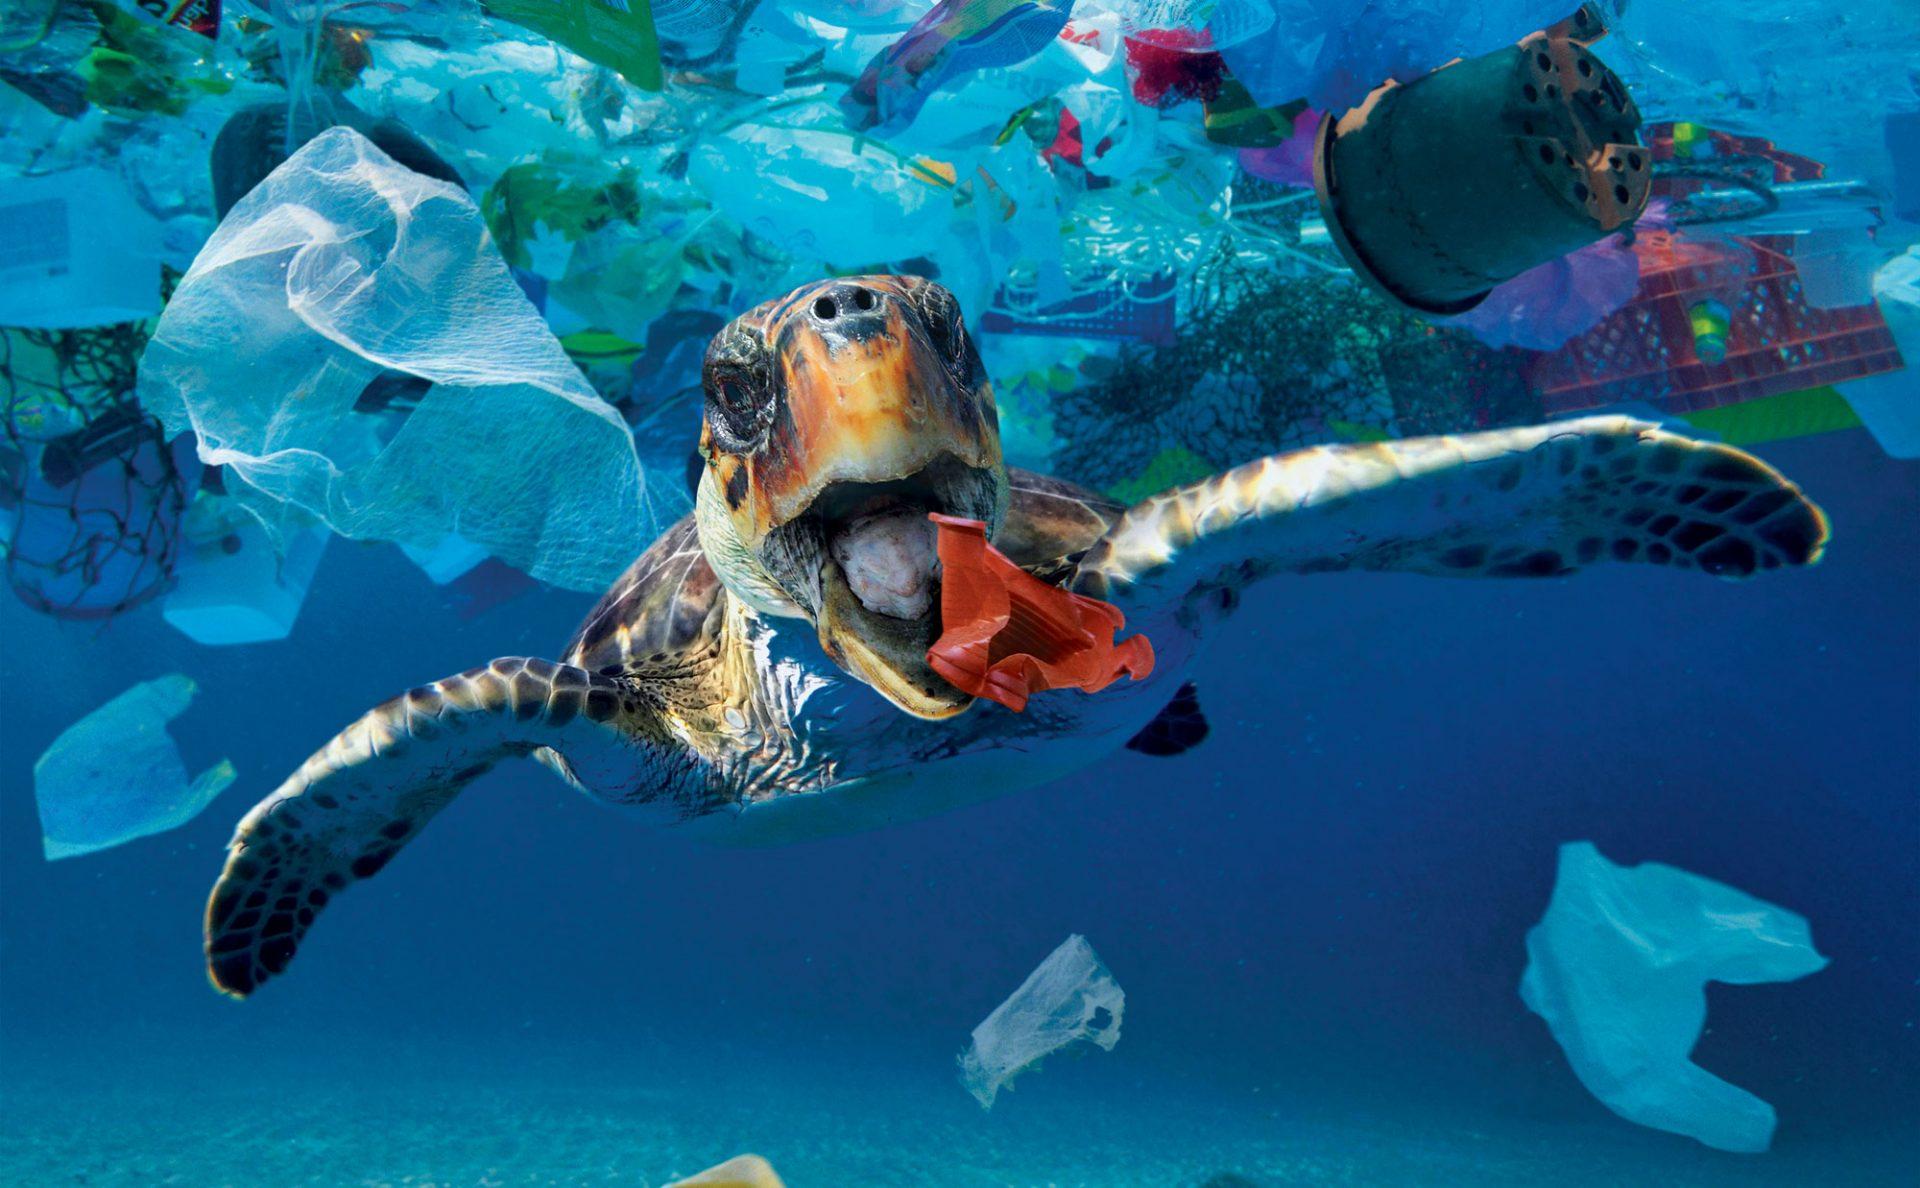 Slik blir vi kvitt plasten i havet